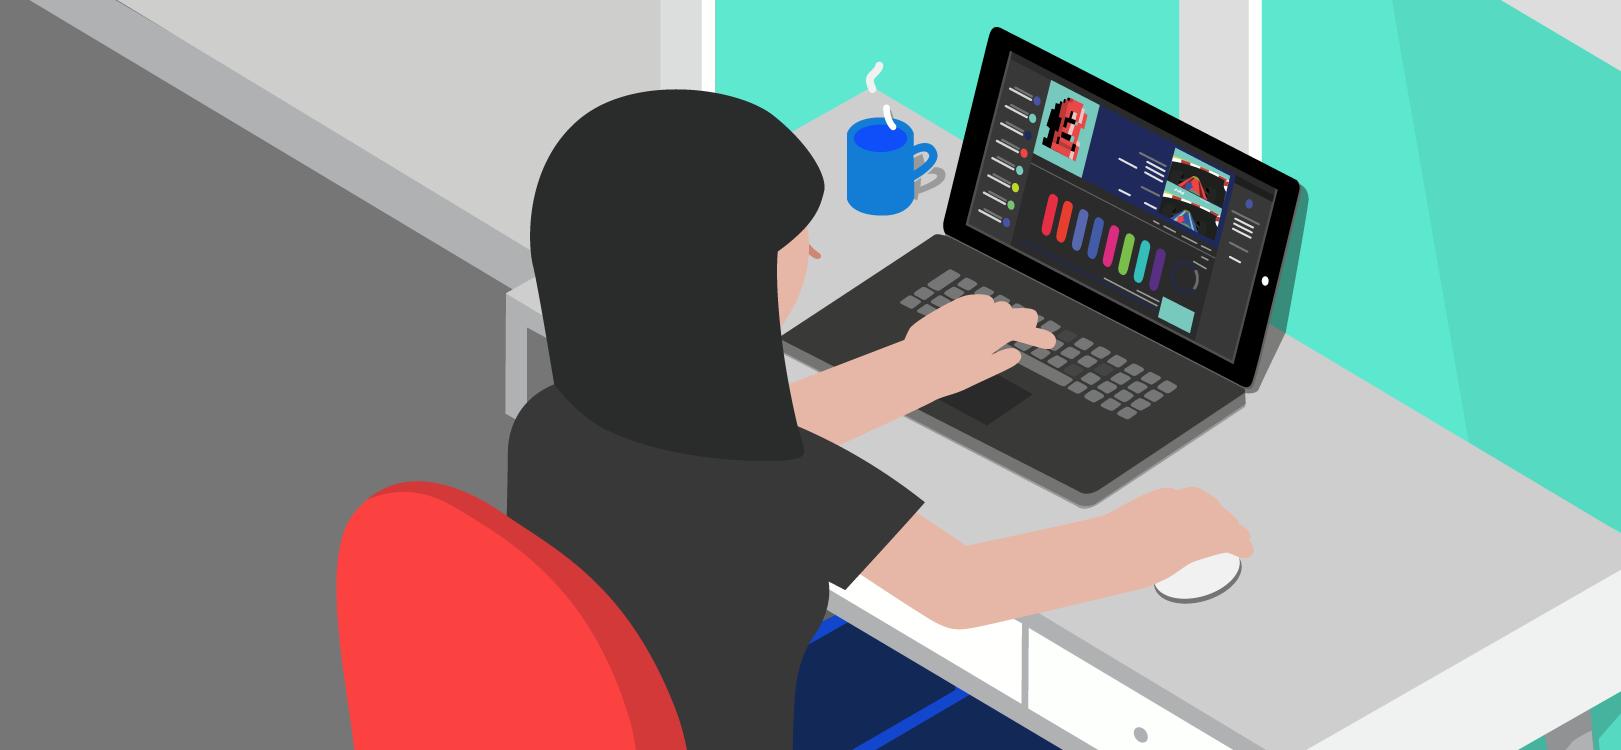 Frau mit Laptop an einem Schreibtisch